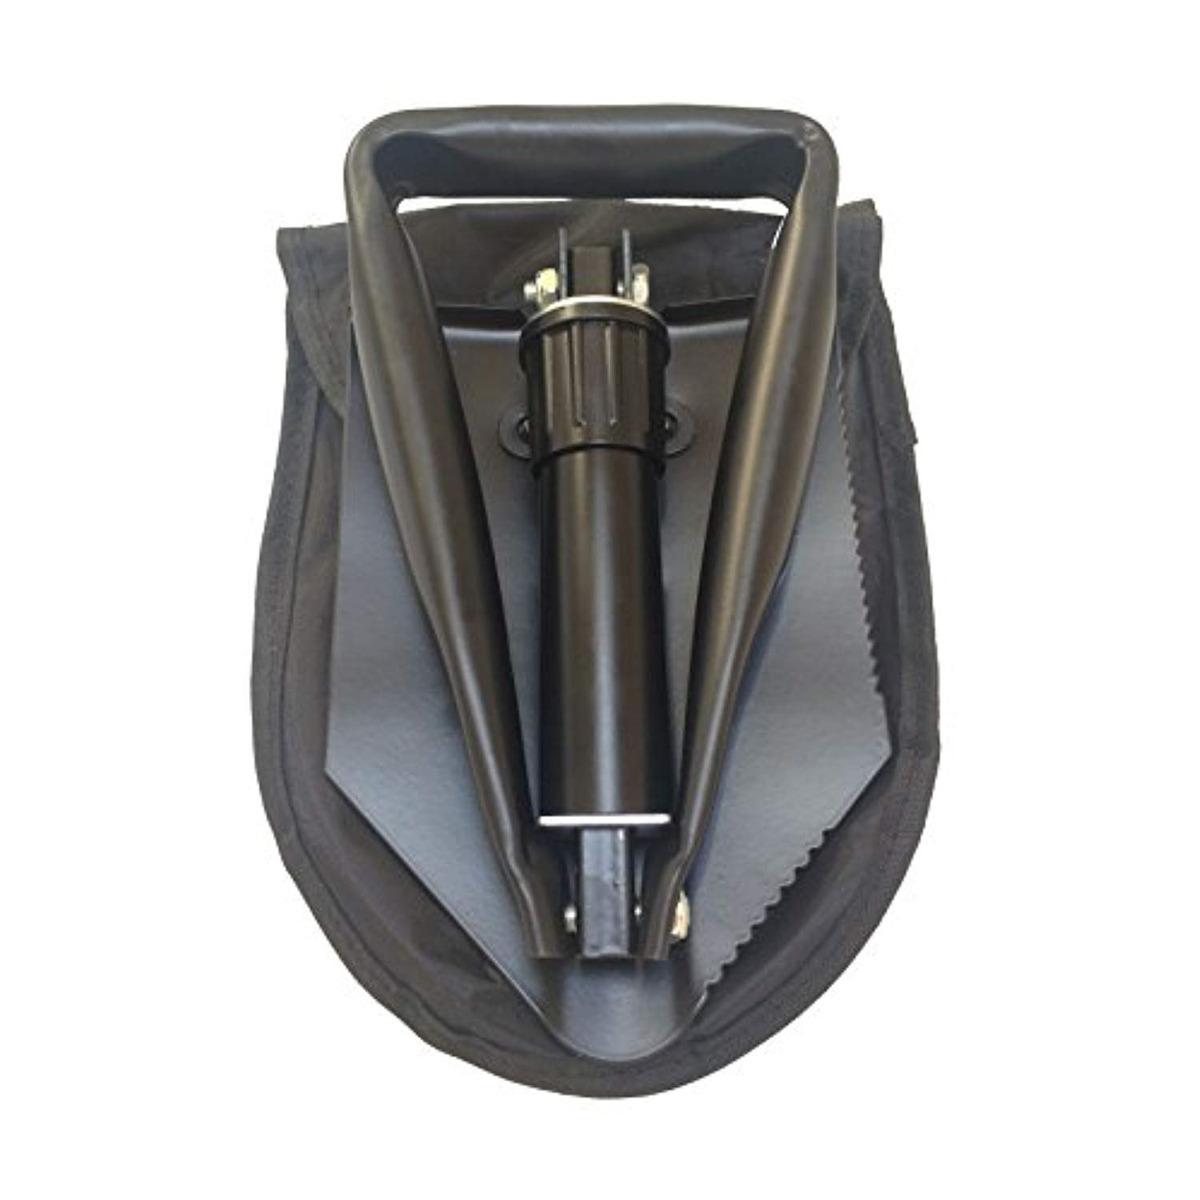 Silver Hose//Stainless Gold Banjos Pro Braking PBF4475-SIL-GOL Front Braided Brake Line